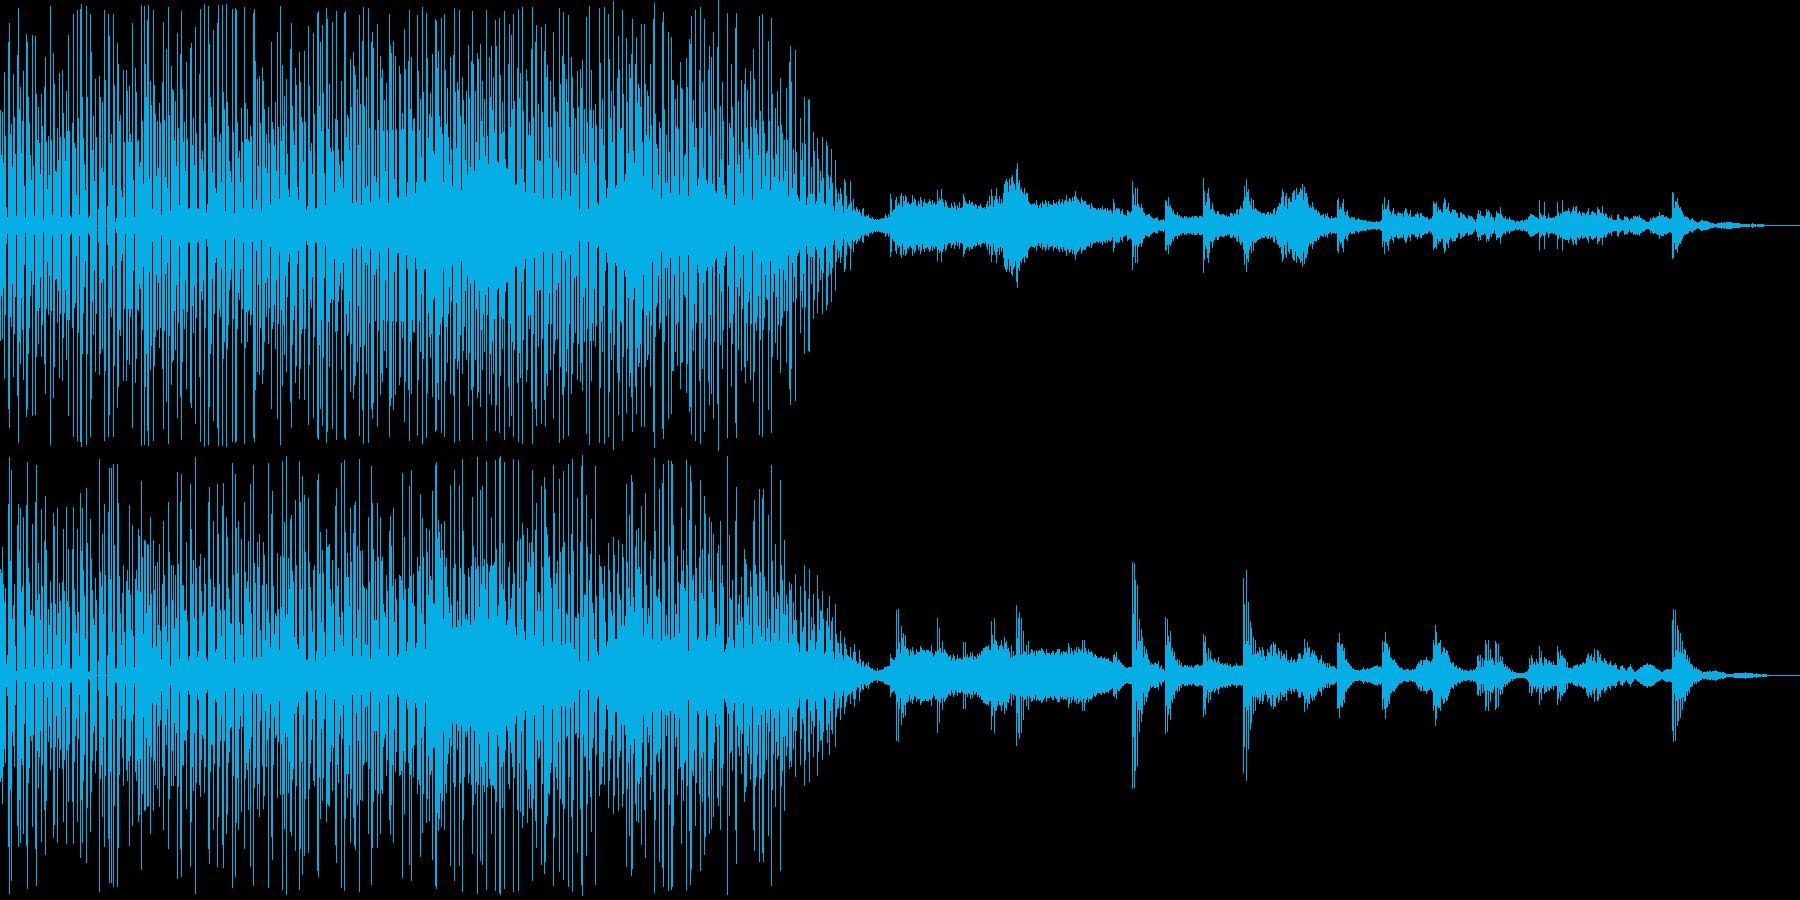 幾何学的な音使い、そして360度に音を…の再生済みの波形